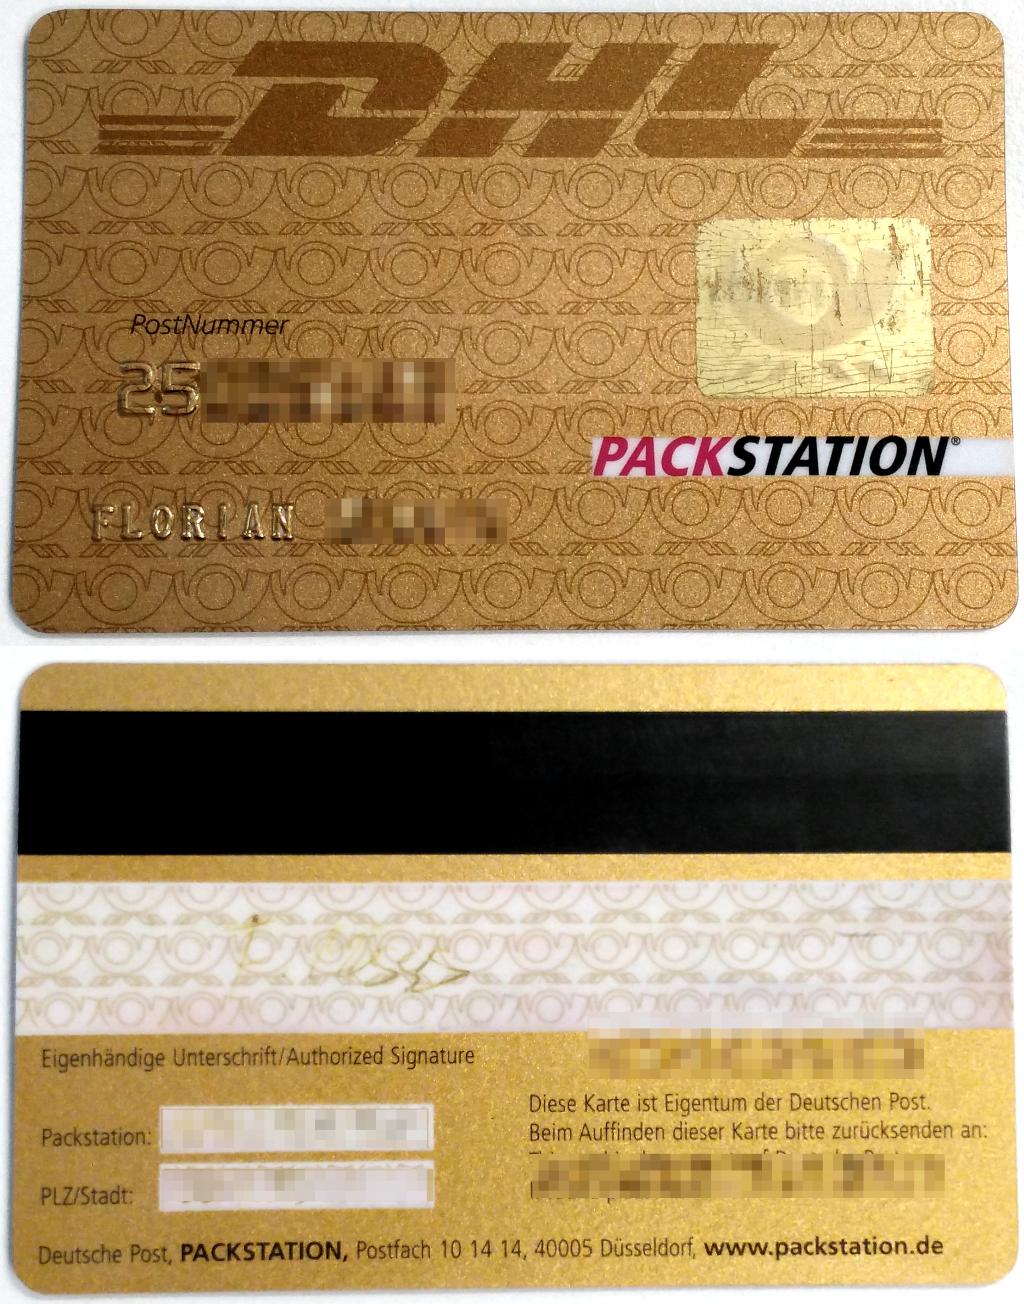 Dhl Packstation Karte.Hintergründe Des Packstation Hacks C T Magazin